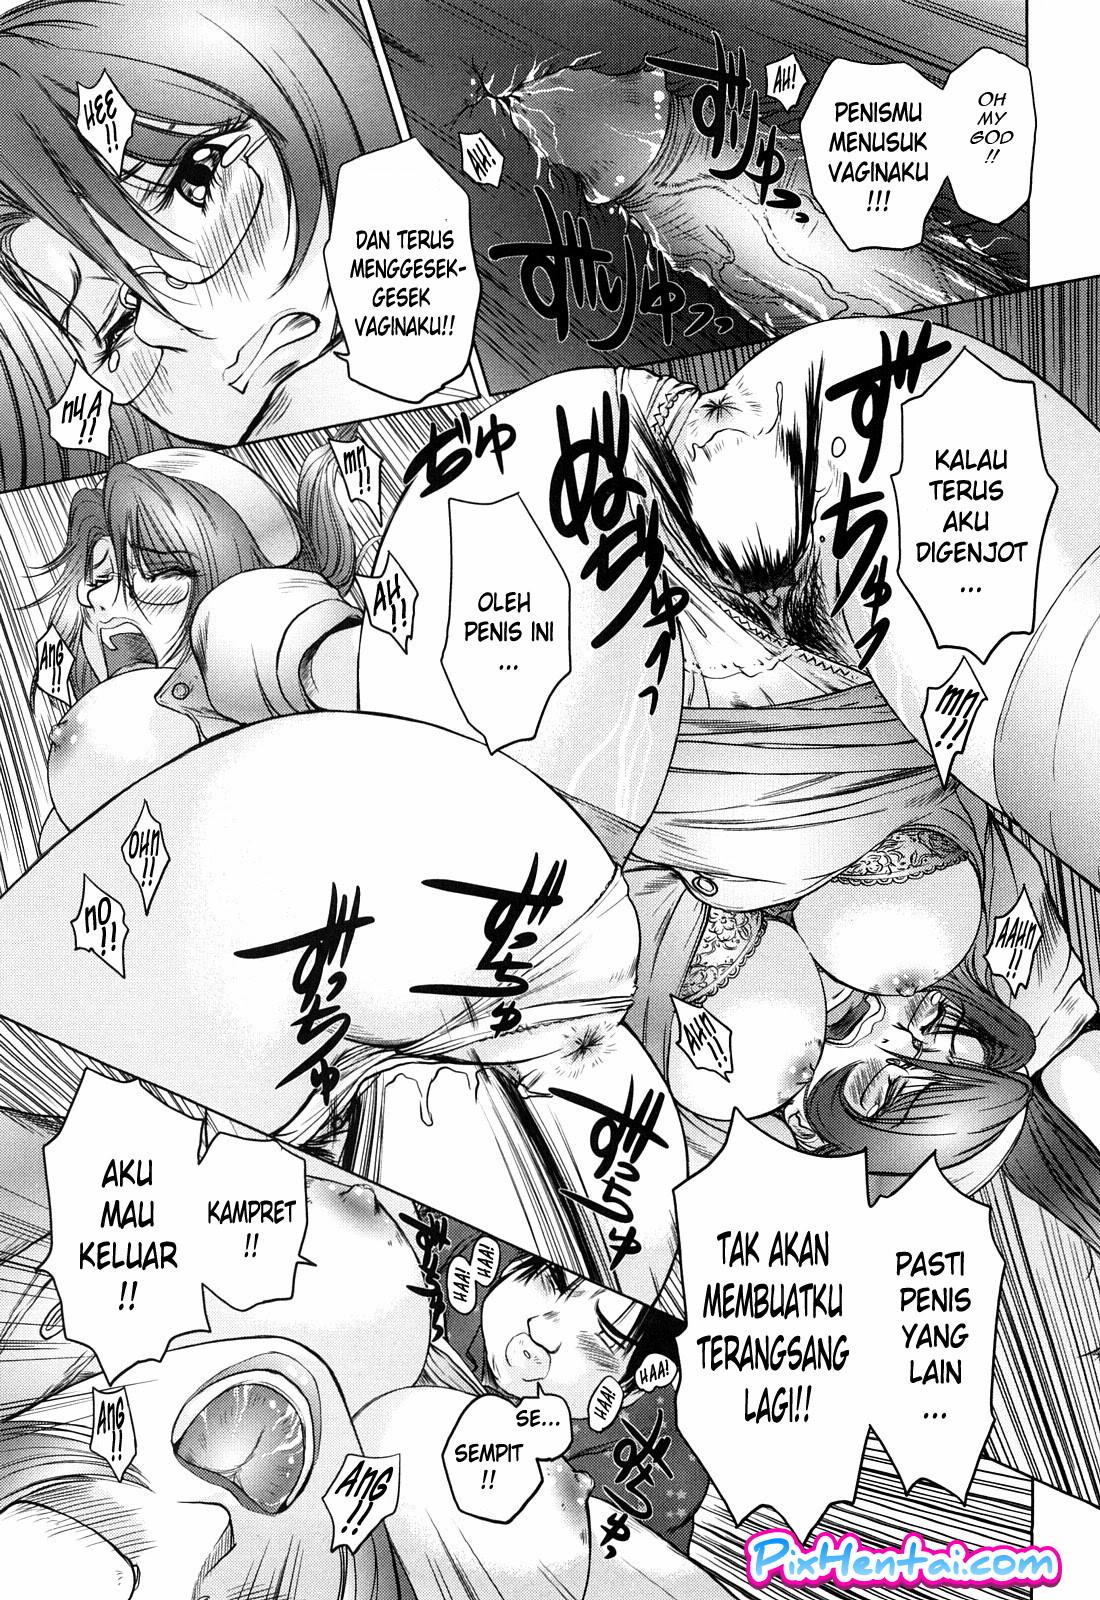 Komik Hentai Suster Montok tak Berdaya Dientot Pasien Manga Sex Porn Doujin XXX Bokep 17